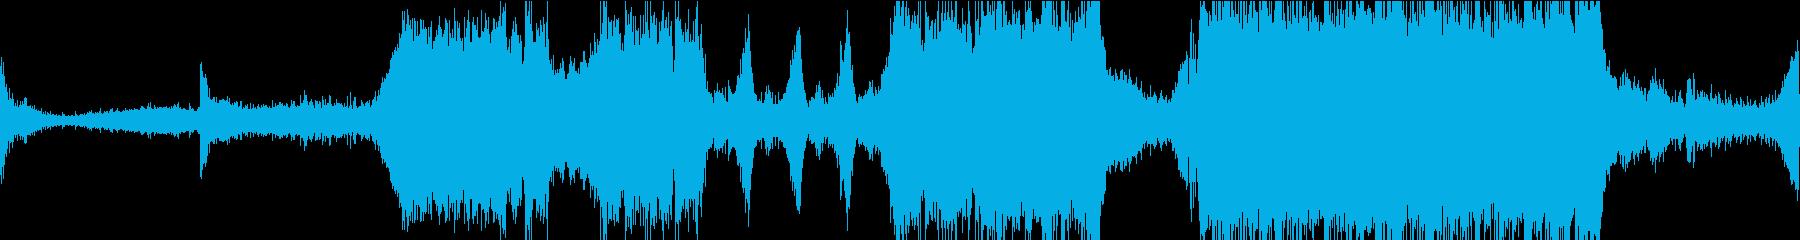 トレーラー風に始まり壮大なサビの楽曲の再生済みの波形